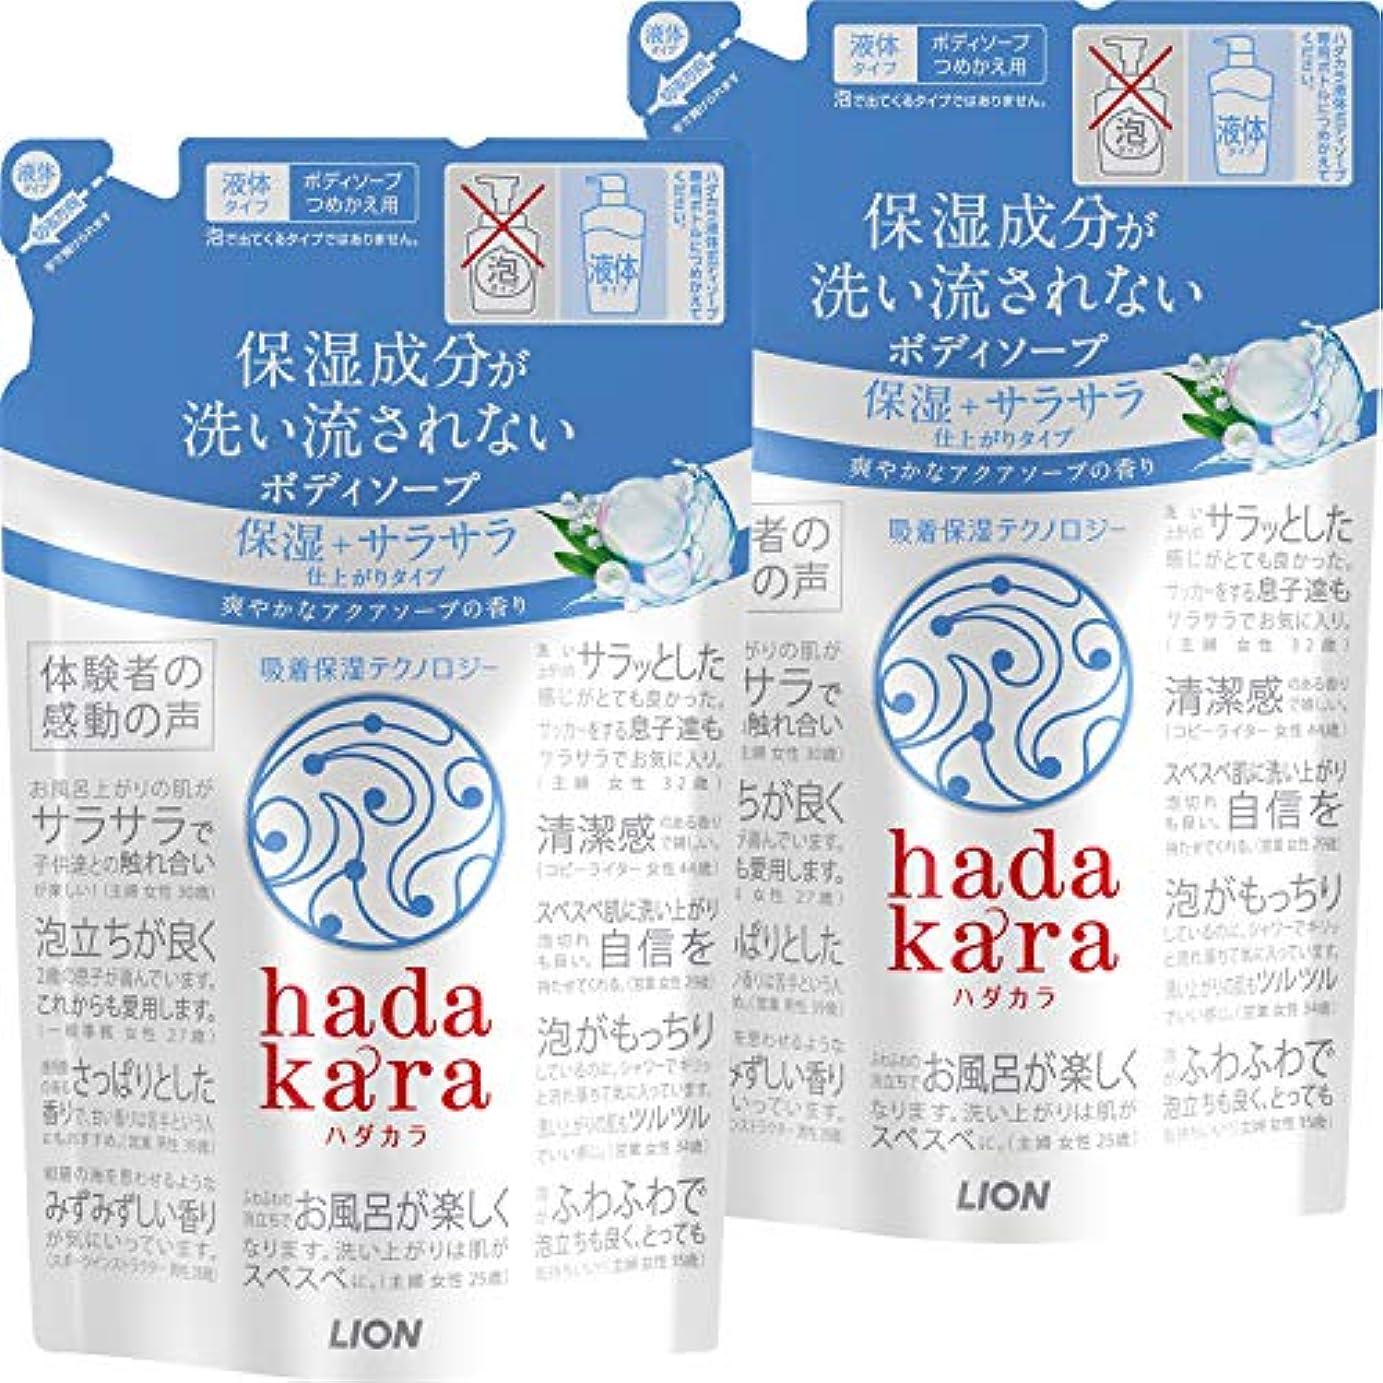 コジオスコ長椅子イブニングhadakara(ハダカラ)ボディソープ 保湿+サラサラ仕上がりタイプ アクアソープの香り つめかえ用 340ml×2個パック